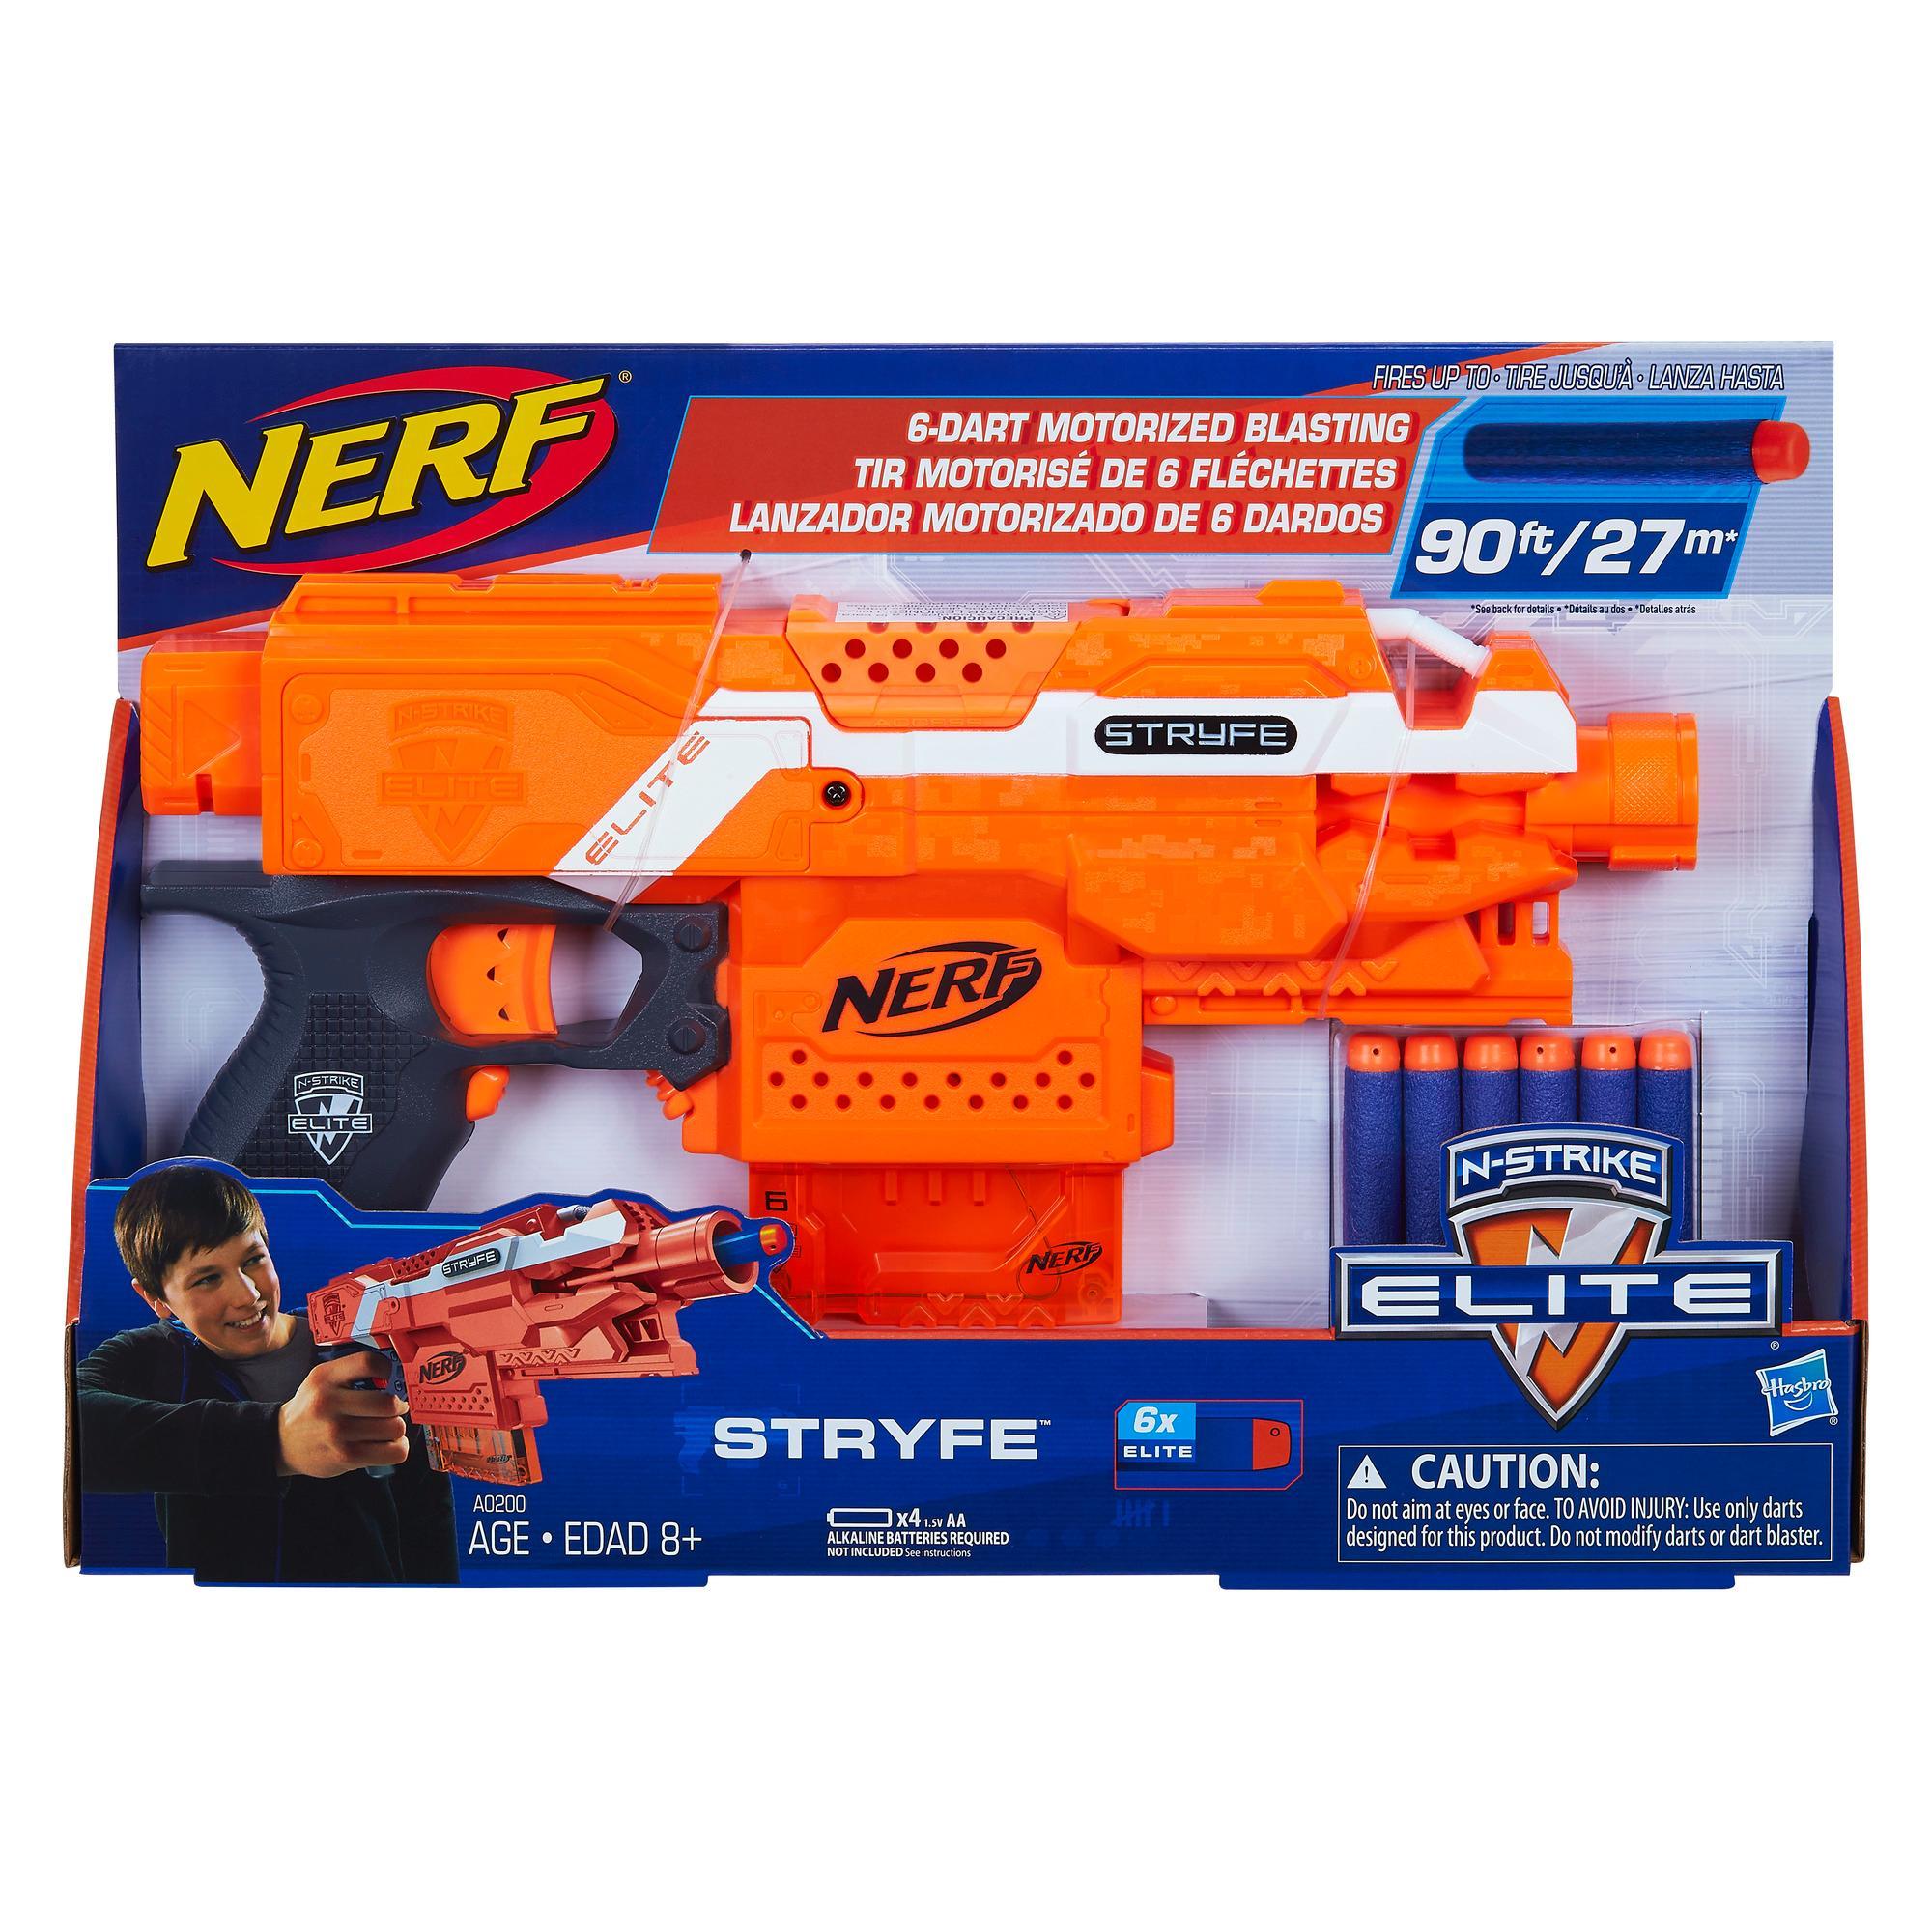 NERF N-STRIKE ELITE - Foudroyeur STRYFE